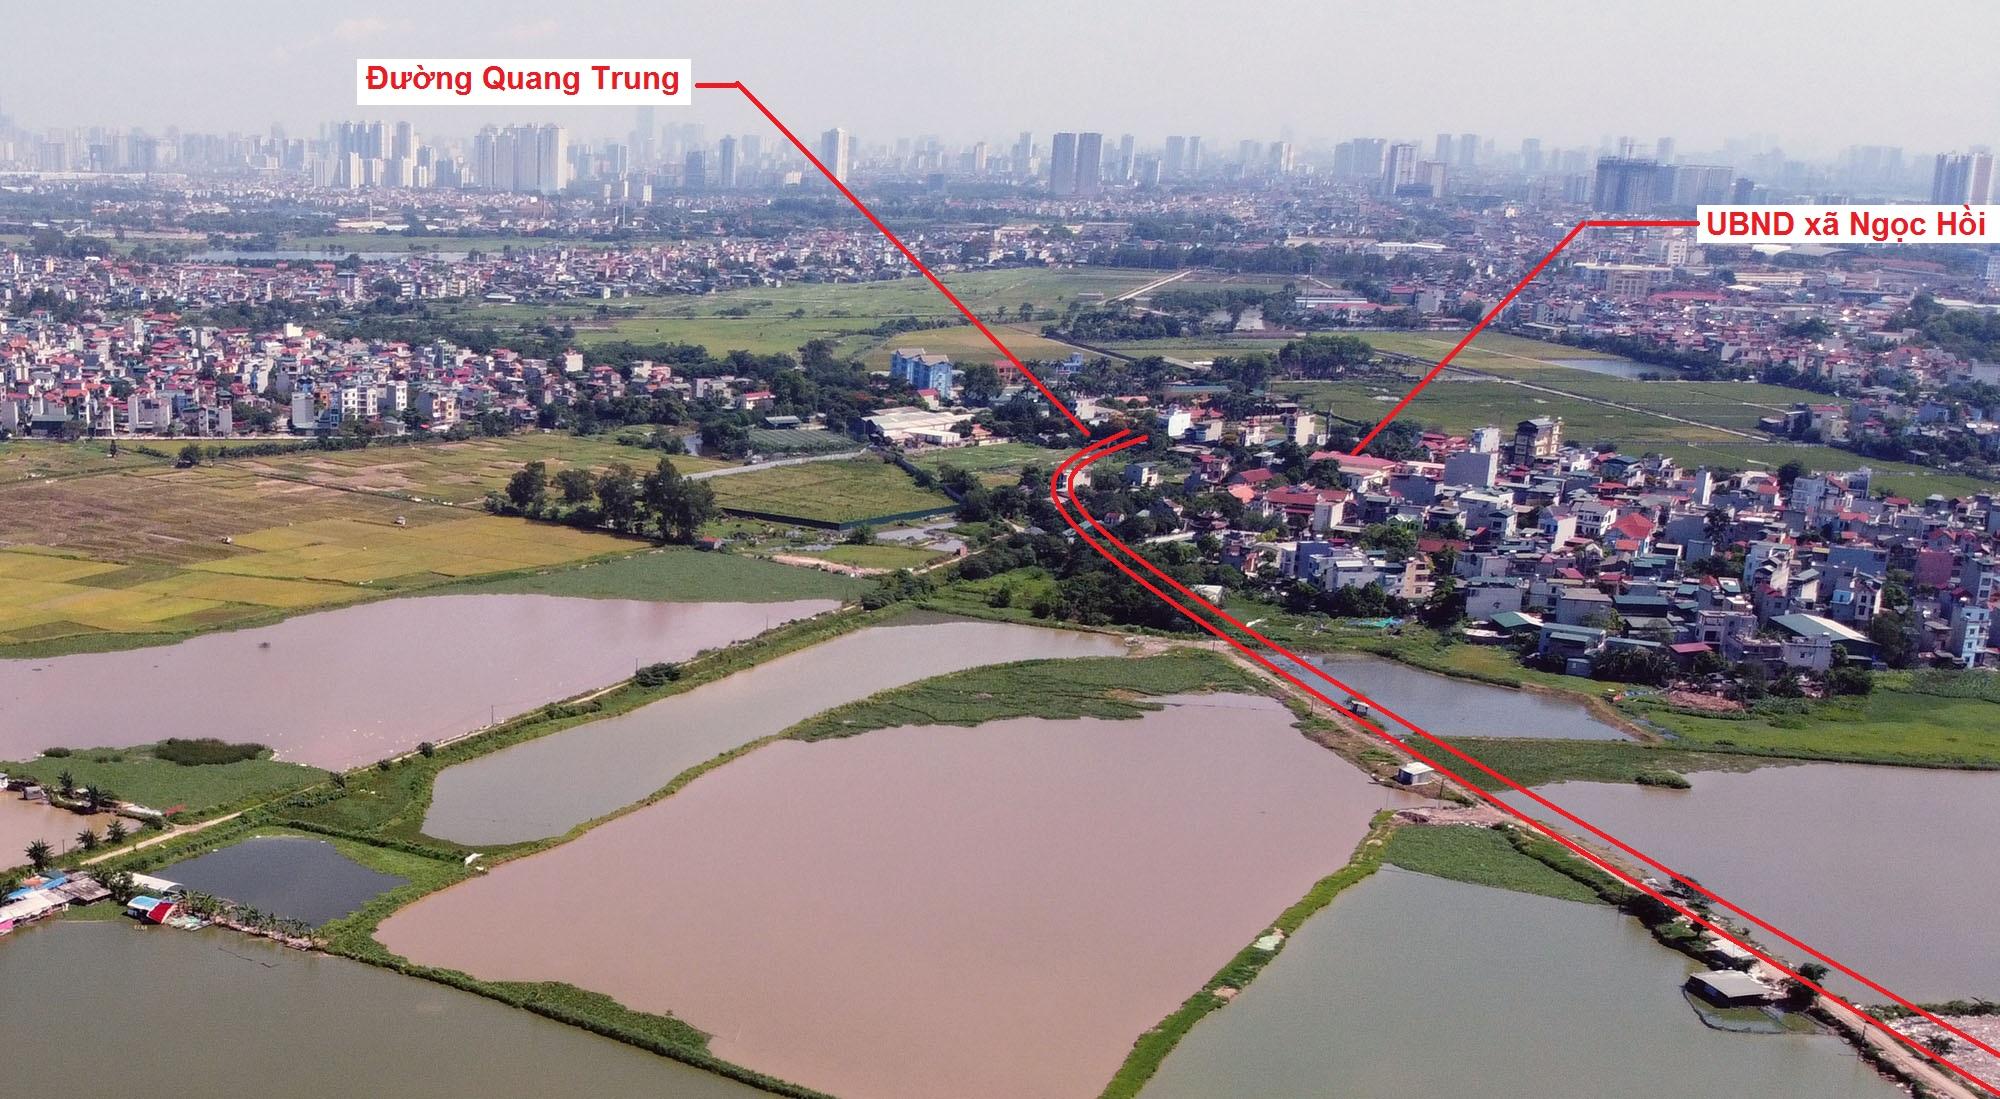 Ba đường sẽ mở theo quy hoạch ở xã Ngọc Hồi, Thanh Trì, Hà Nội - Ảnh 9.